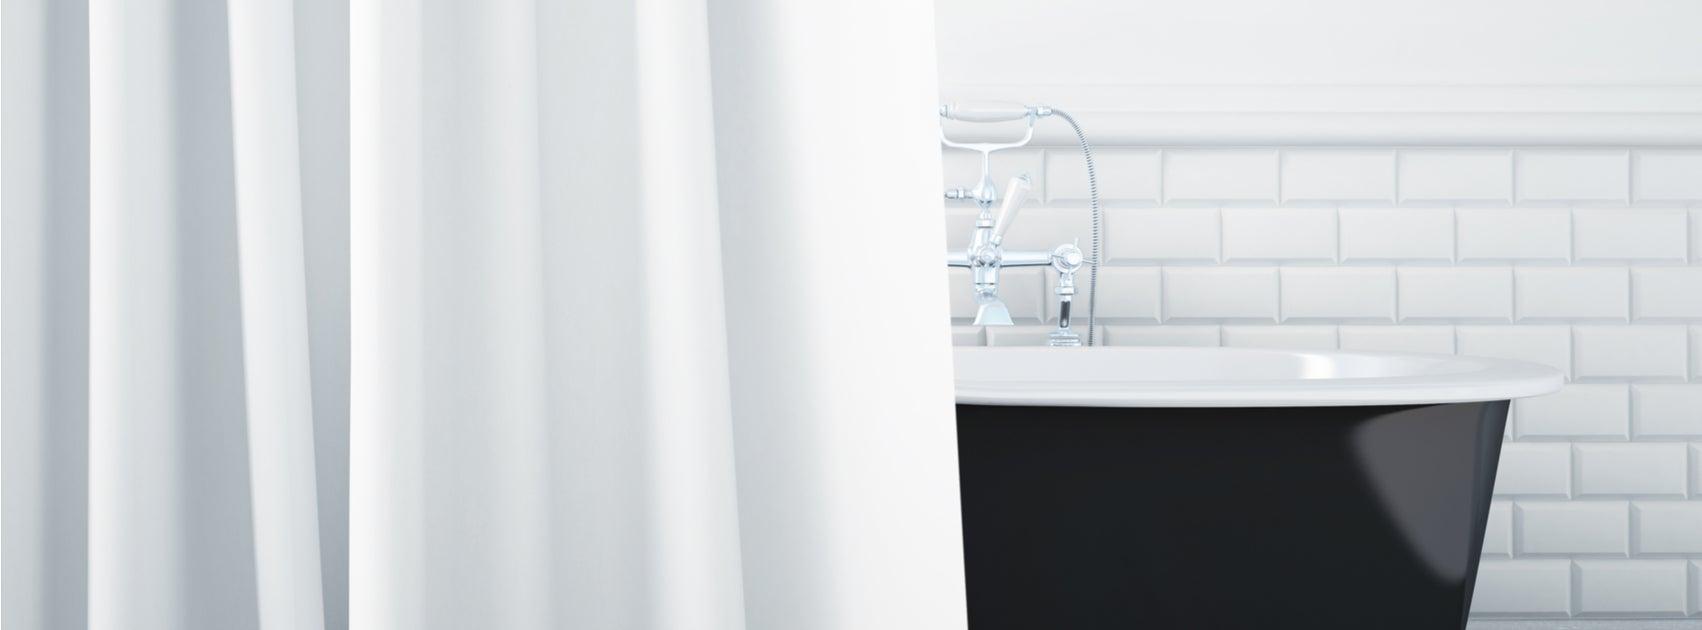 Cómo elegir las cortinas de baño